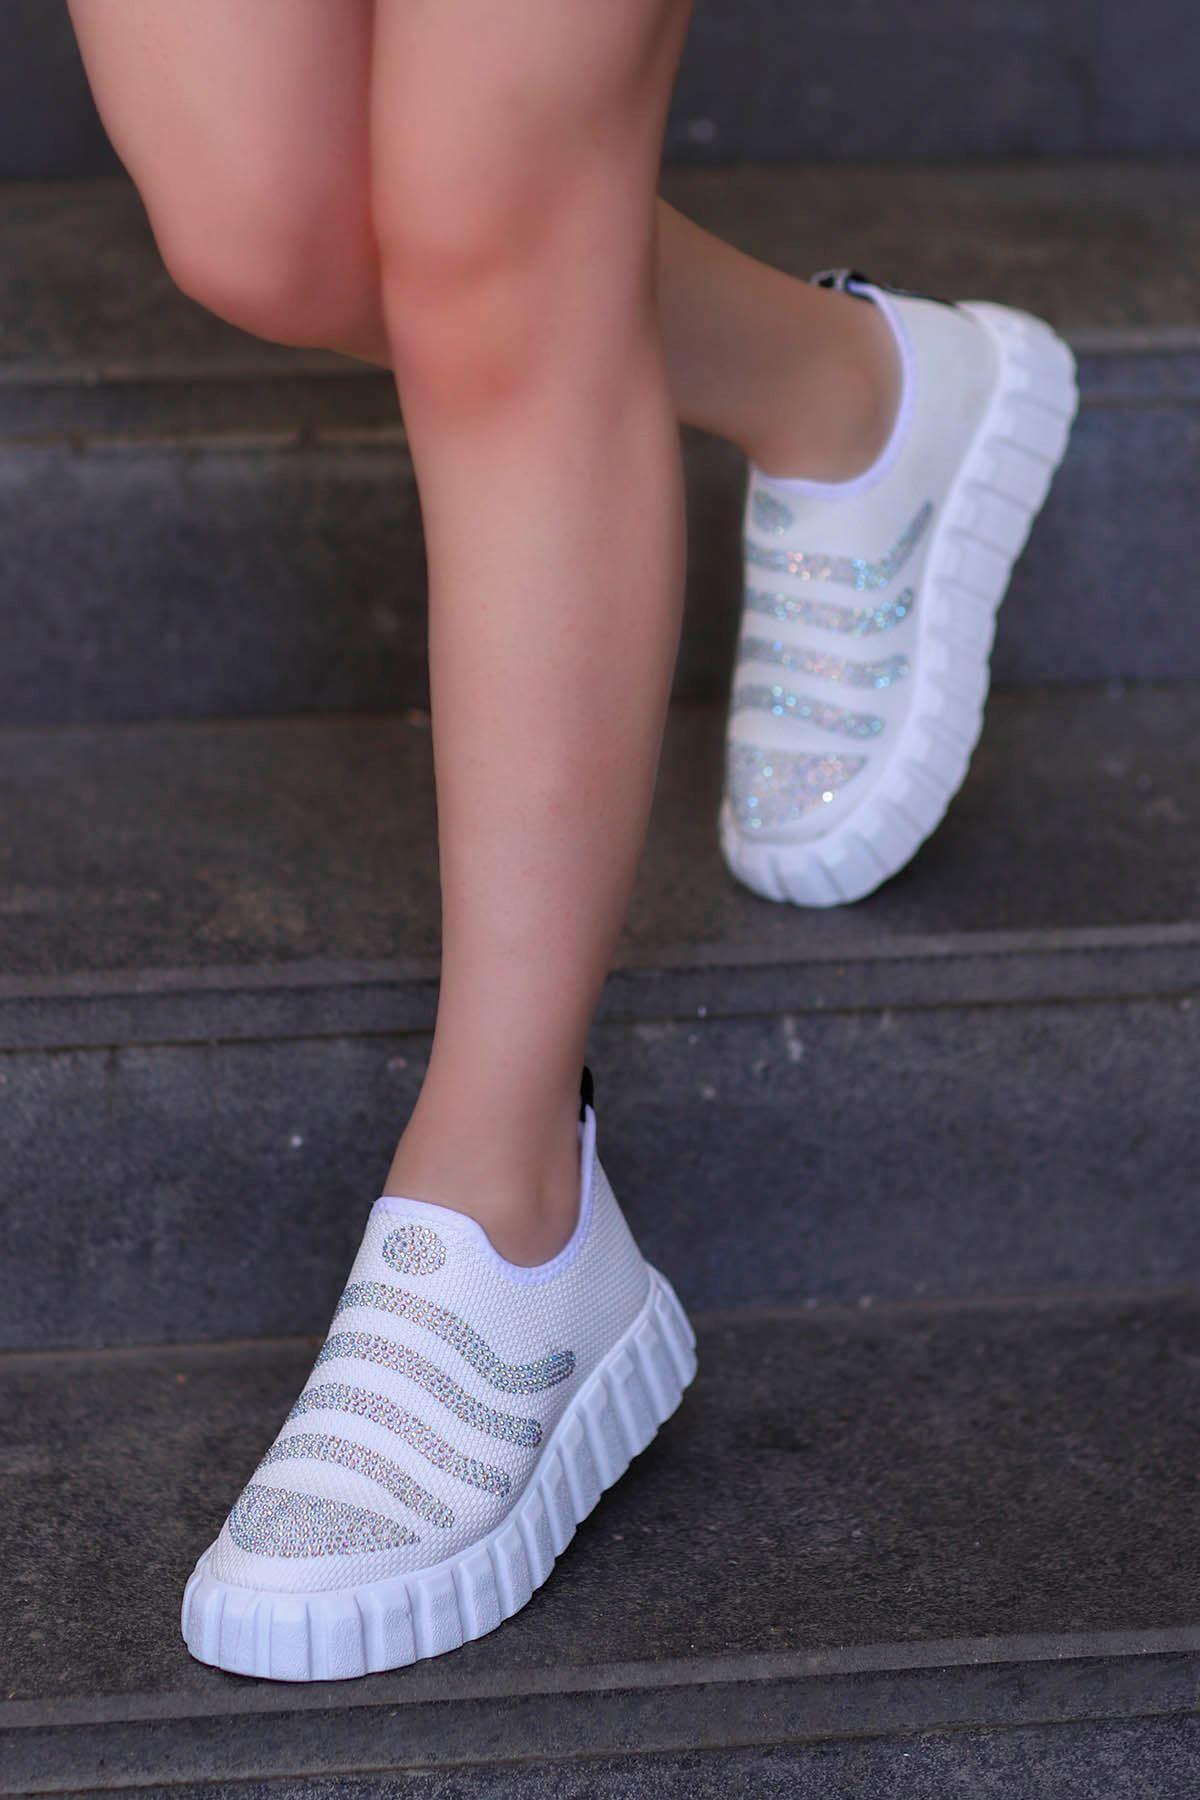 Nairobi Tabanlı Spor Ayakkabı Beyaz Triko Taşlı